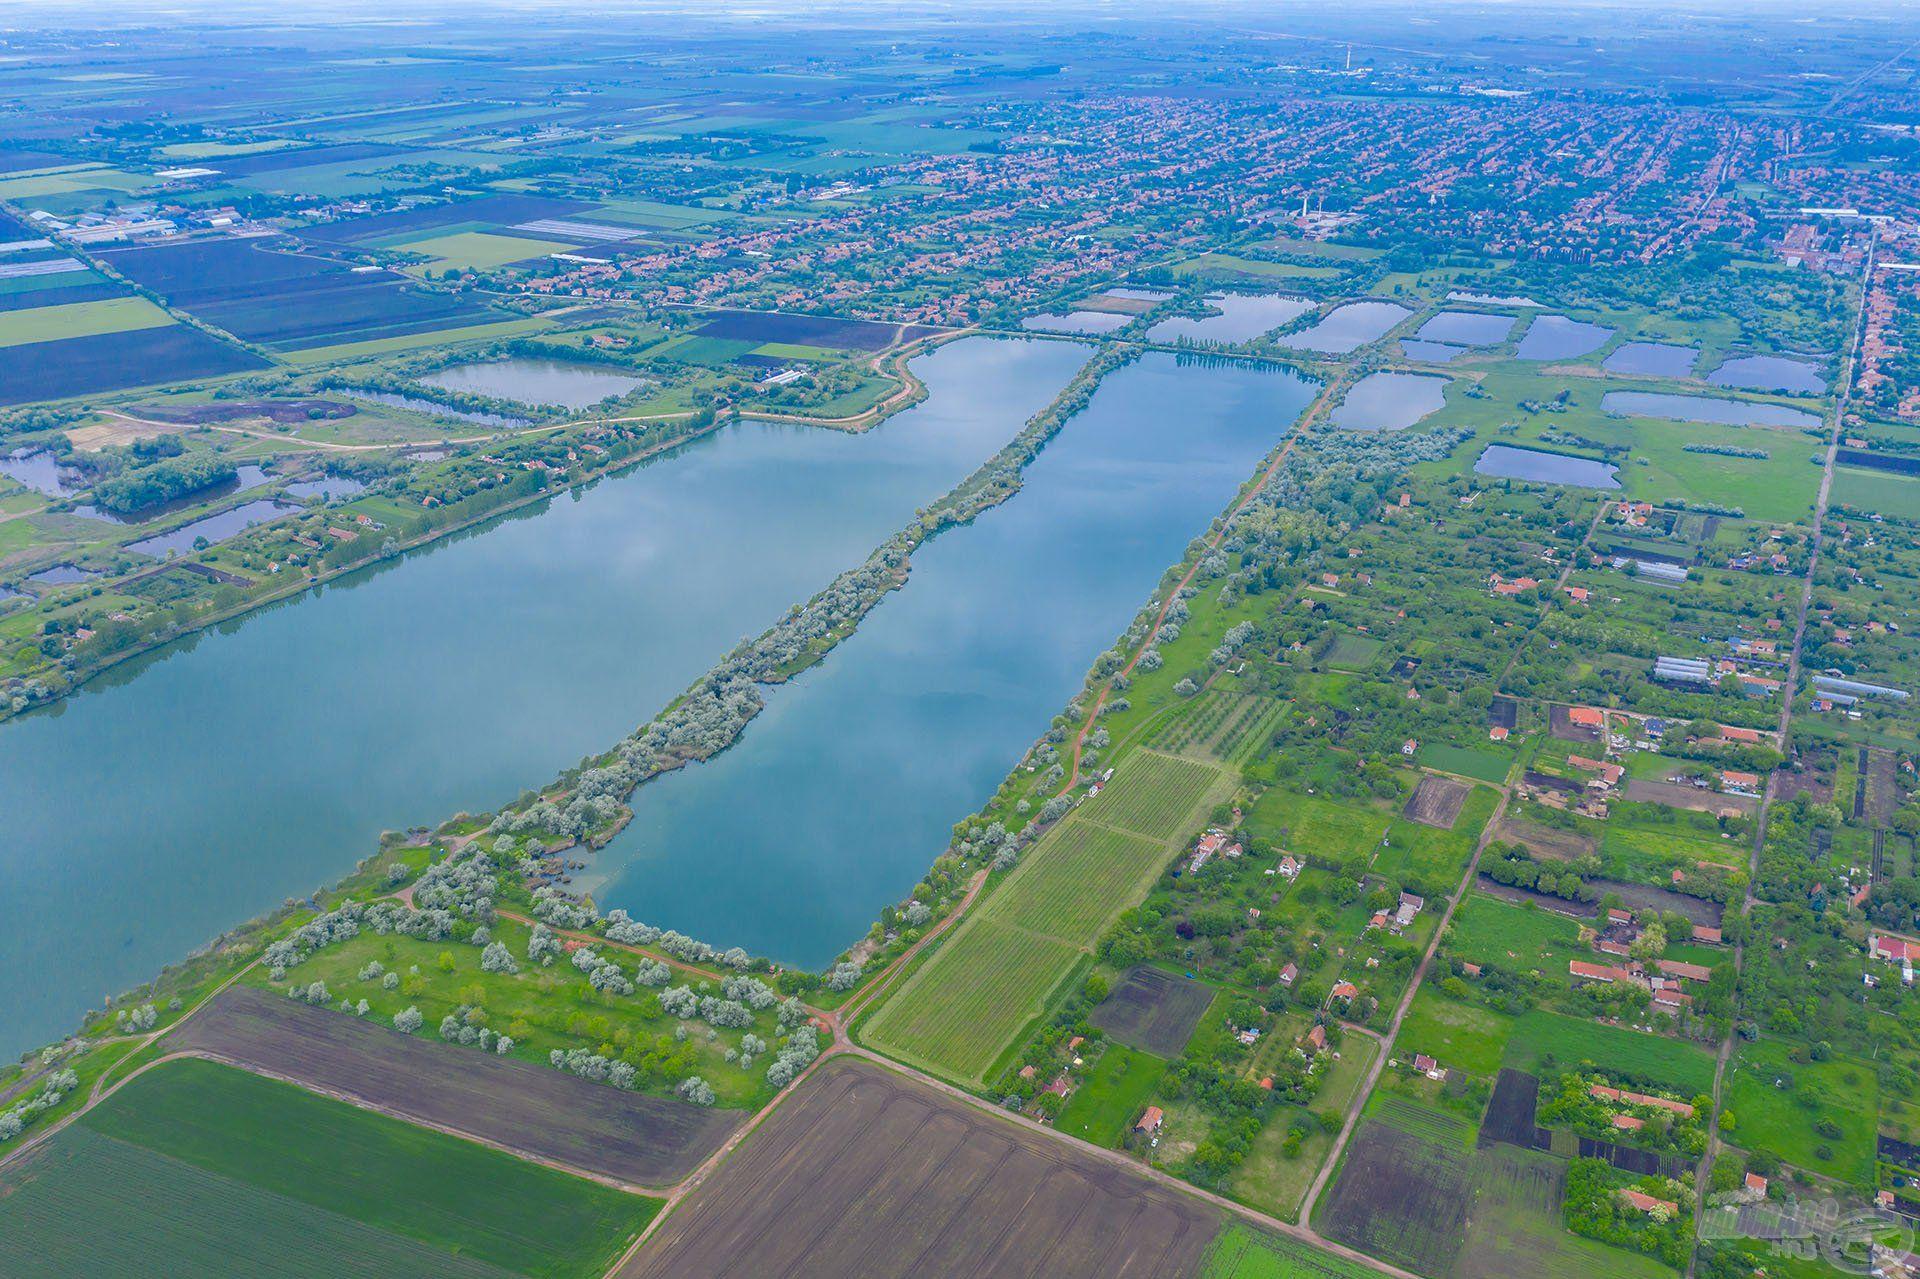 Békéscsaba a vizek városa, ameddig a szem ellát tó, tó és tó… 27 db tavat tudtam ezen a képen megszámolni, amelyek a valamikori agyagbányászat maradványai